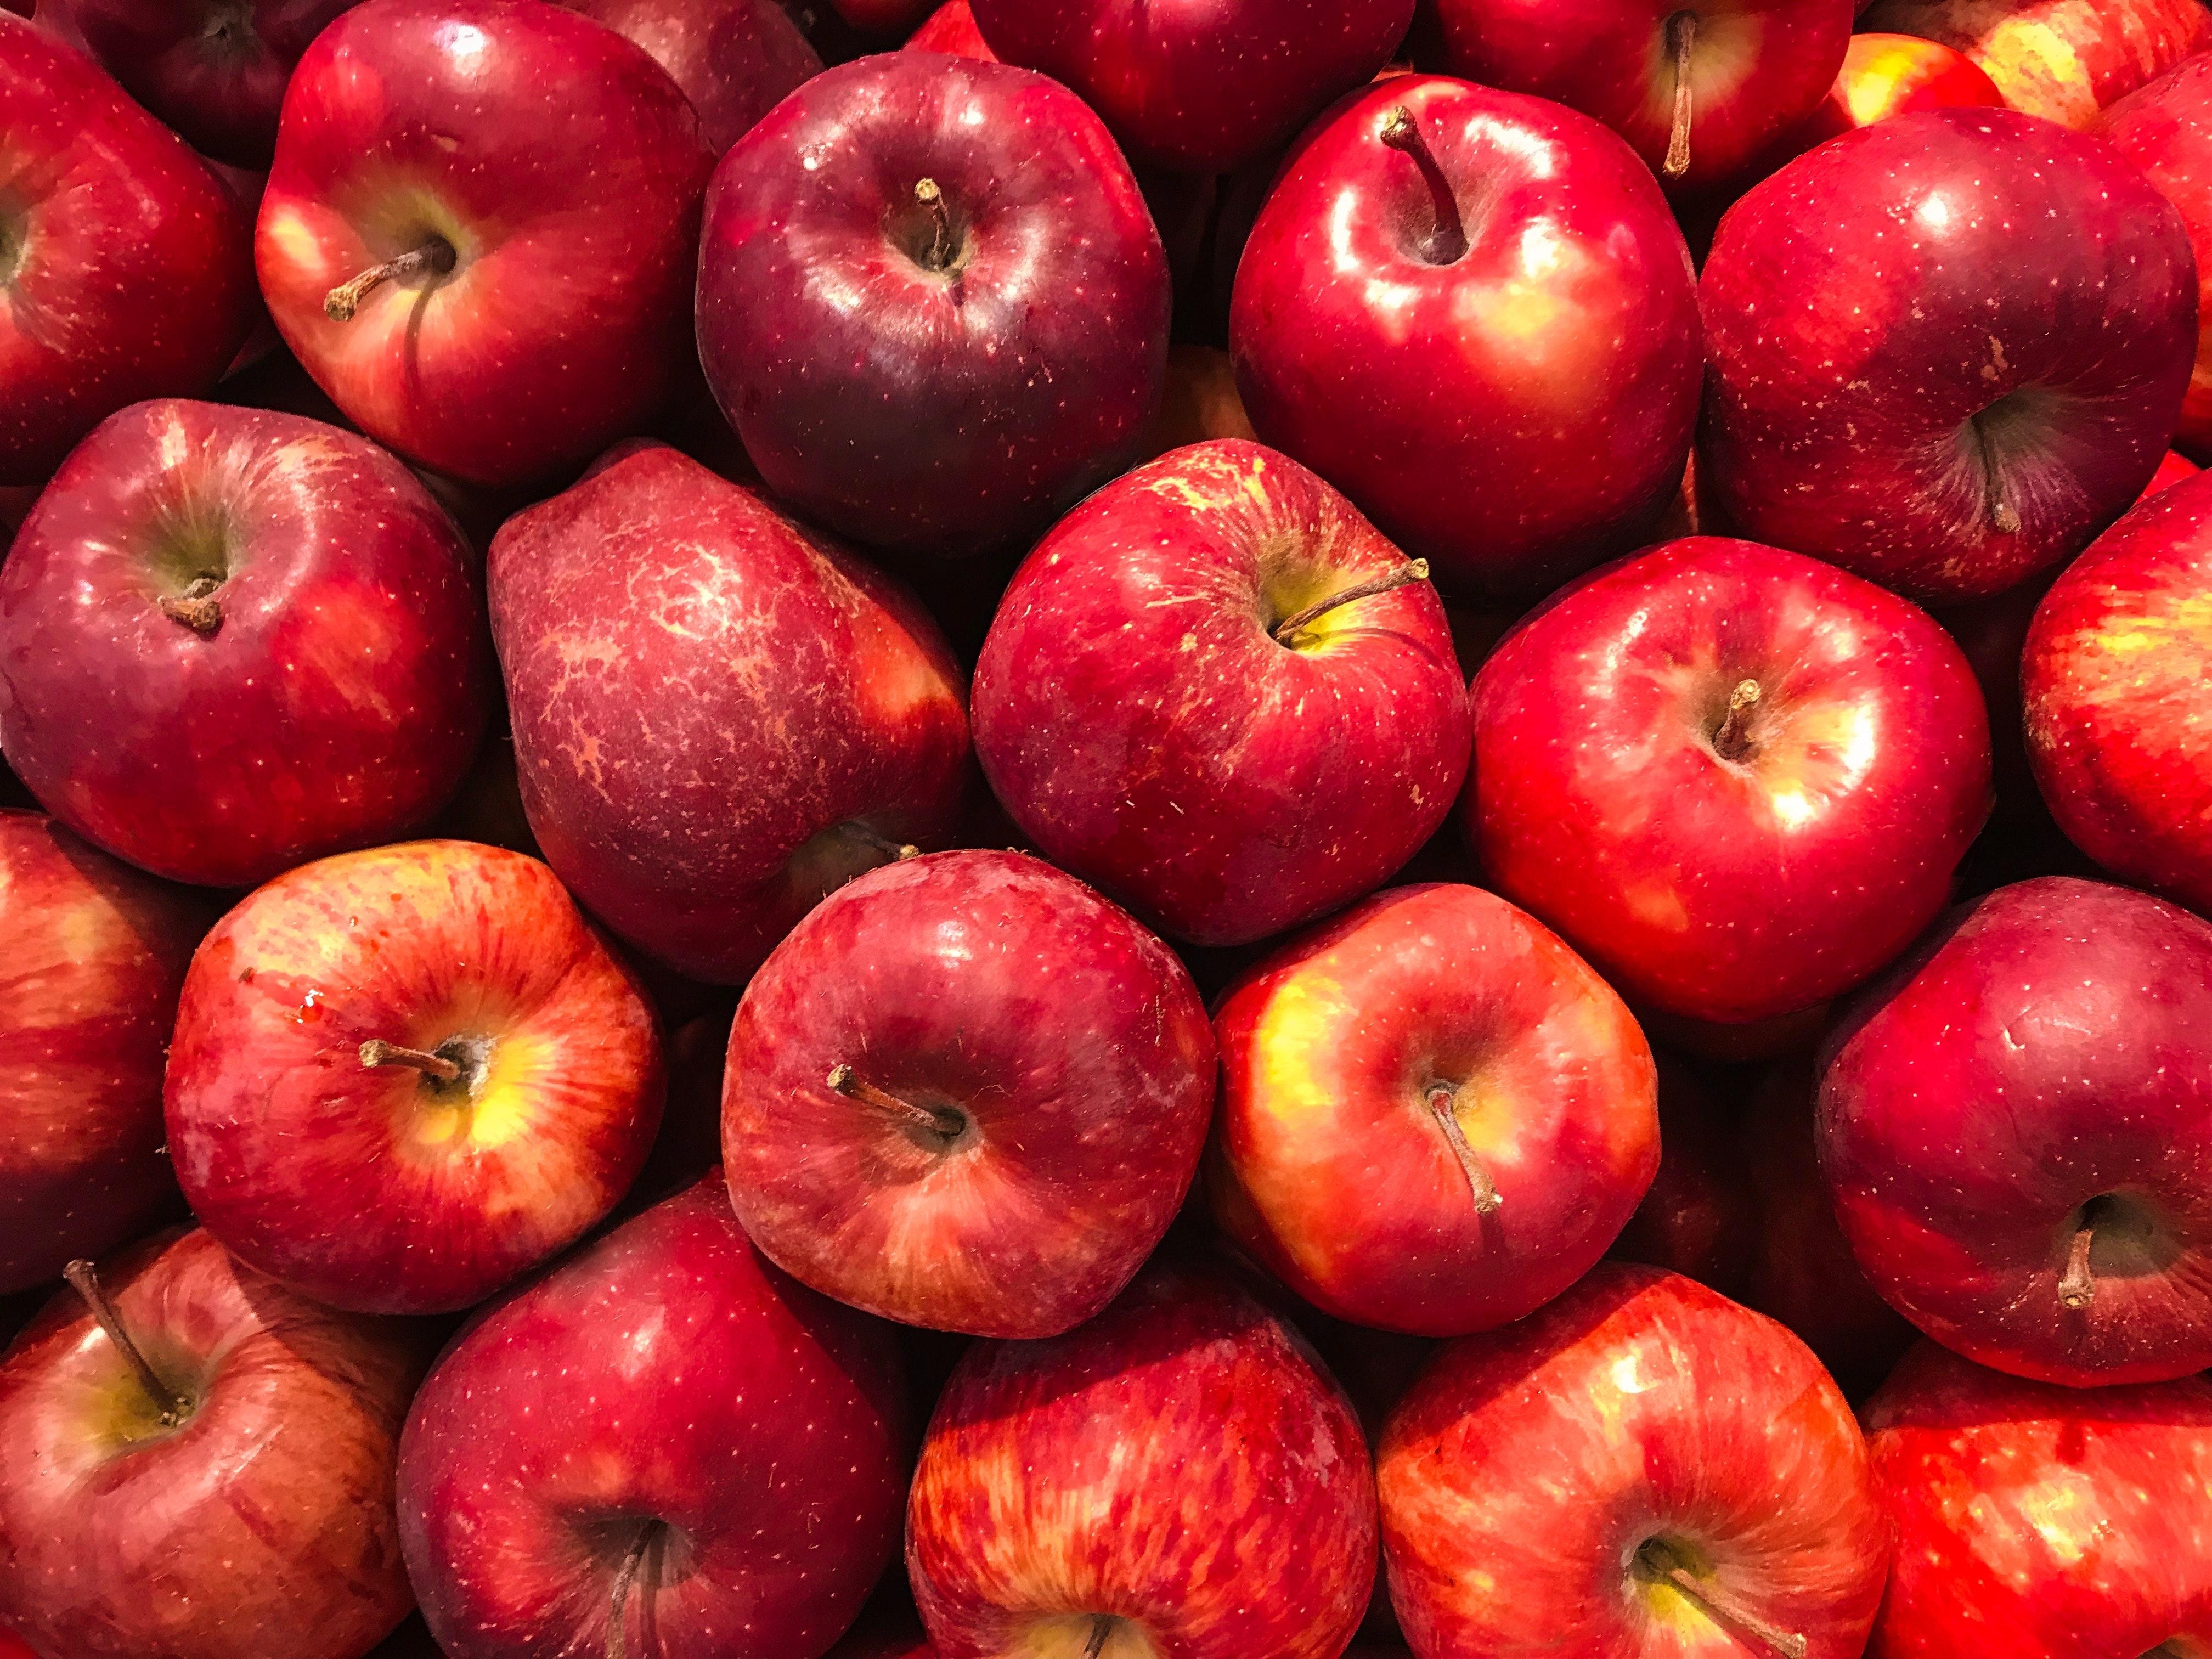 แอปเปิ้ลเก็บแช่แข็งสด